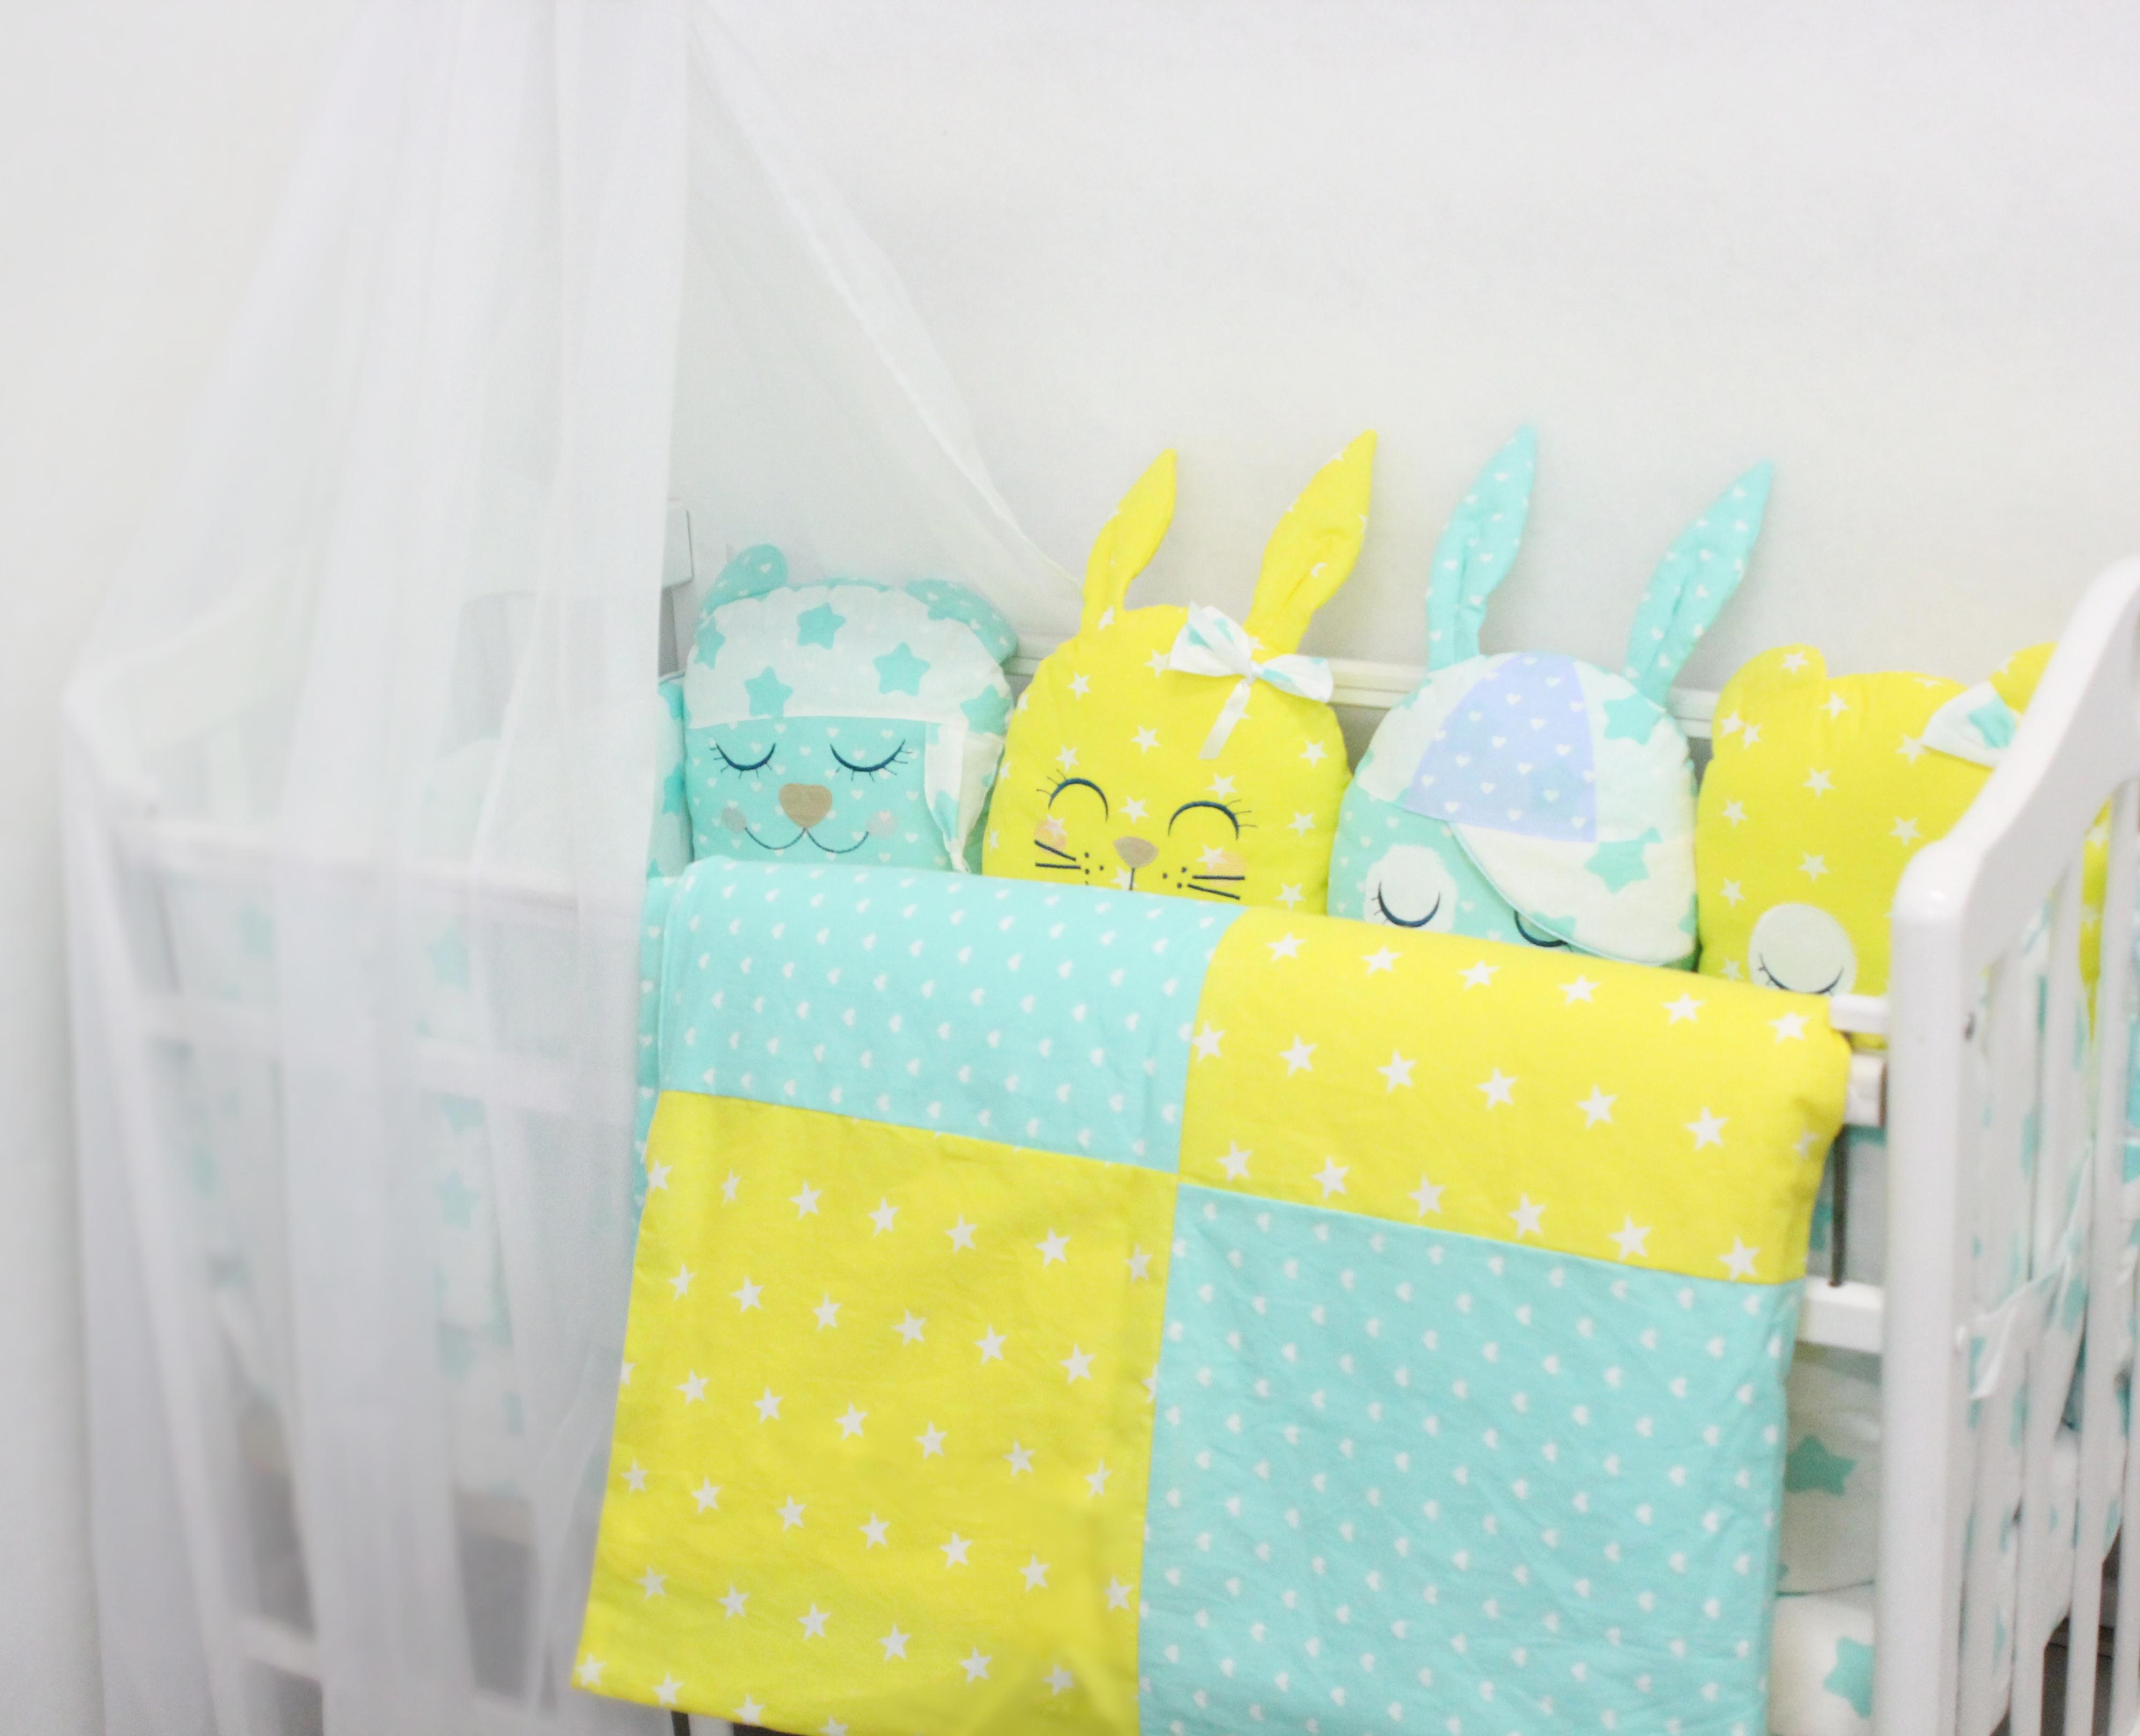 Постельные принадлежности By Twinz Комплект в кроватку By Twinz «Друзья» с игрушками желтый 4 пр.